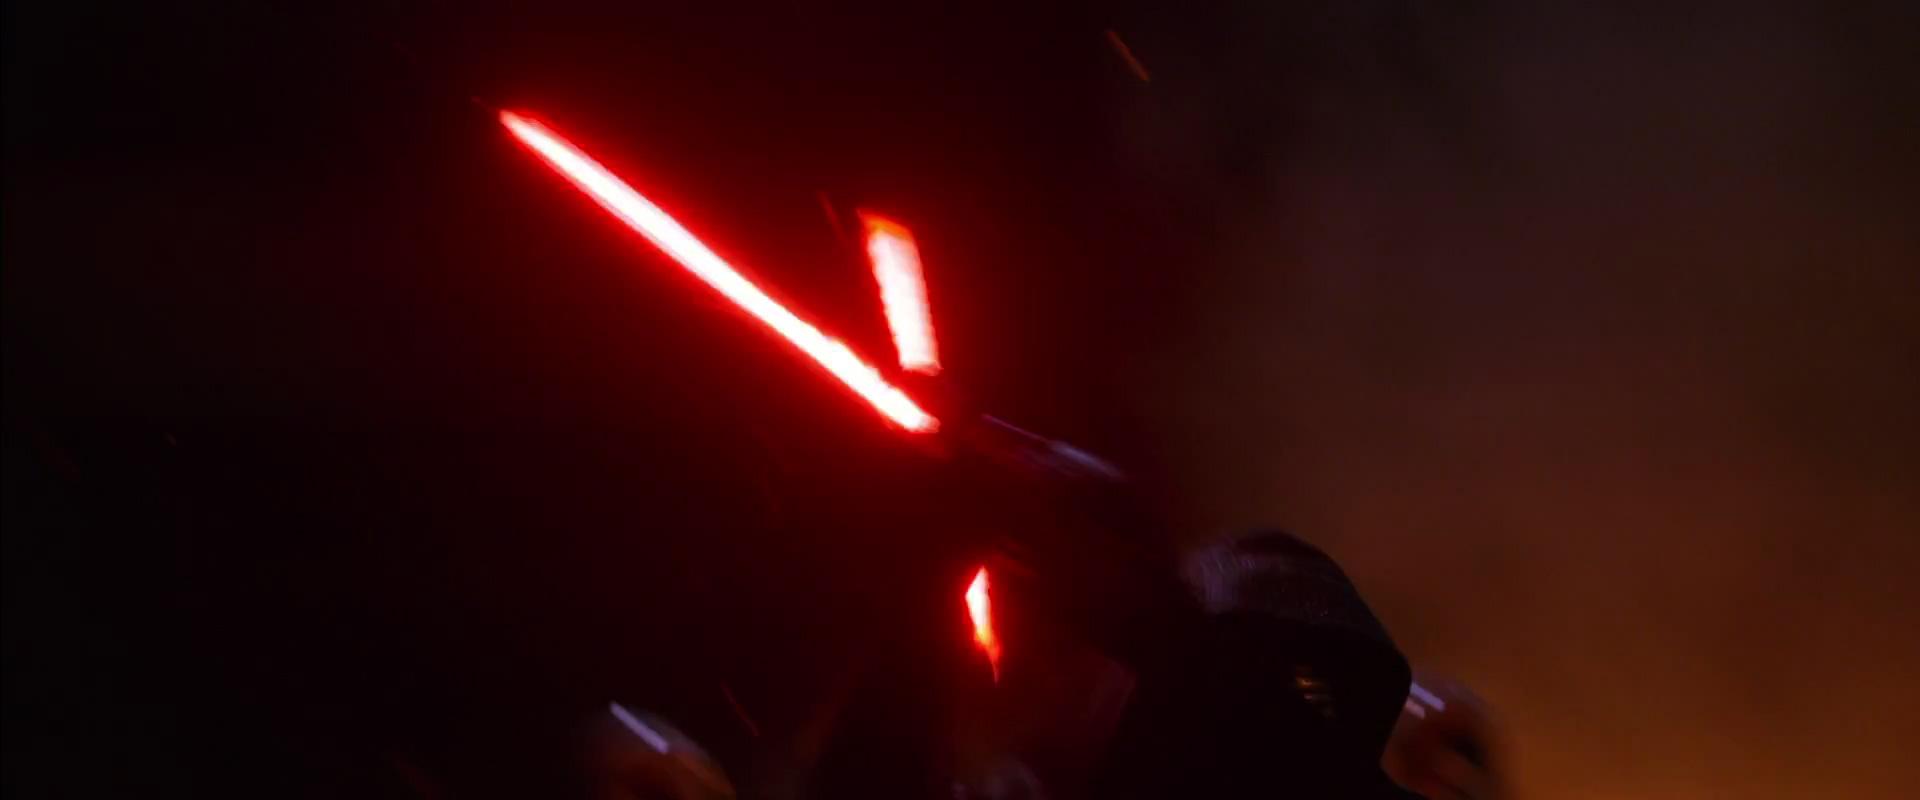 Star Wars  The Force Awakens Official Teaser #2 1659.jpg